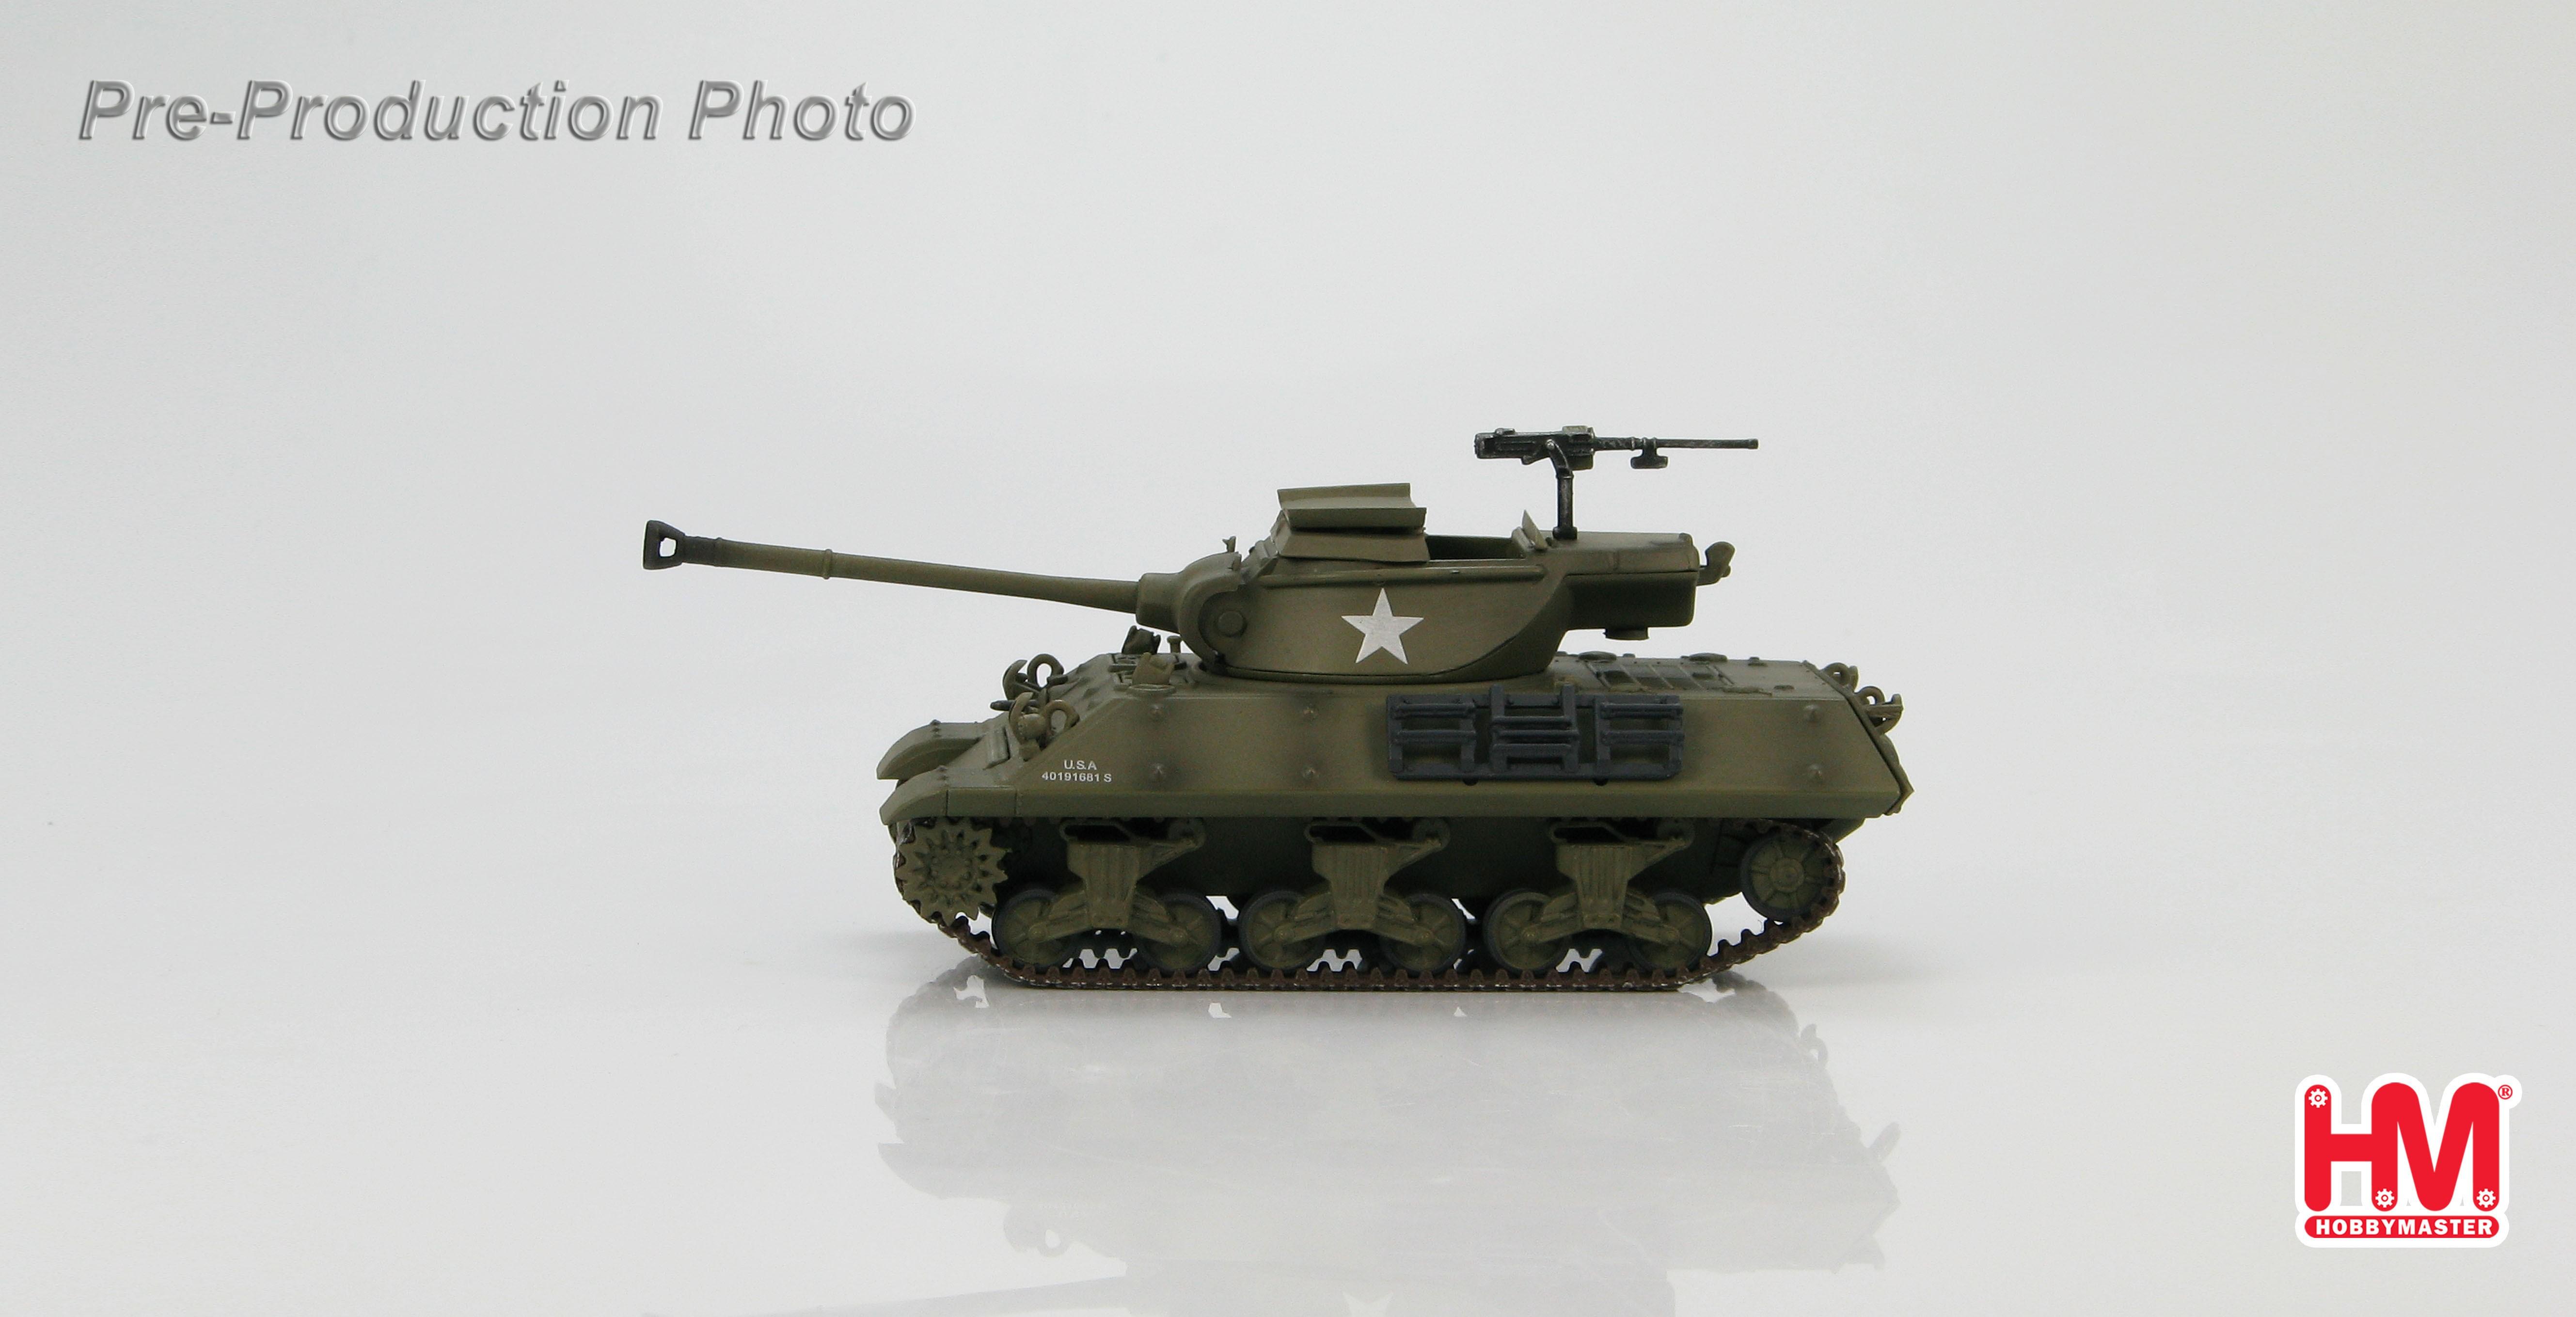 Hobby Master 1:72 Ground Power Series M36 Jackson Tank ...